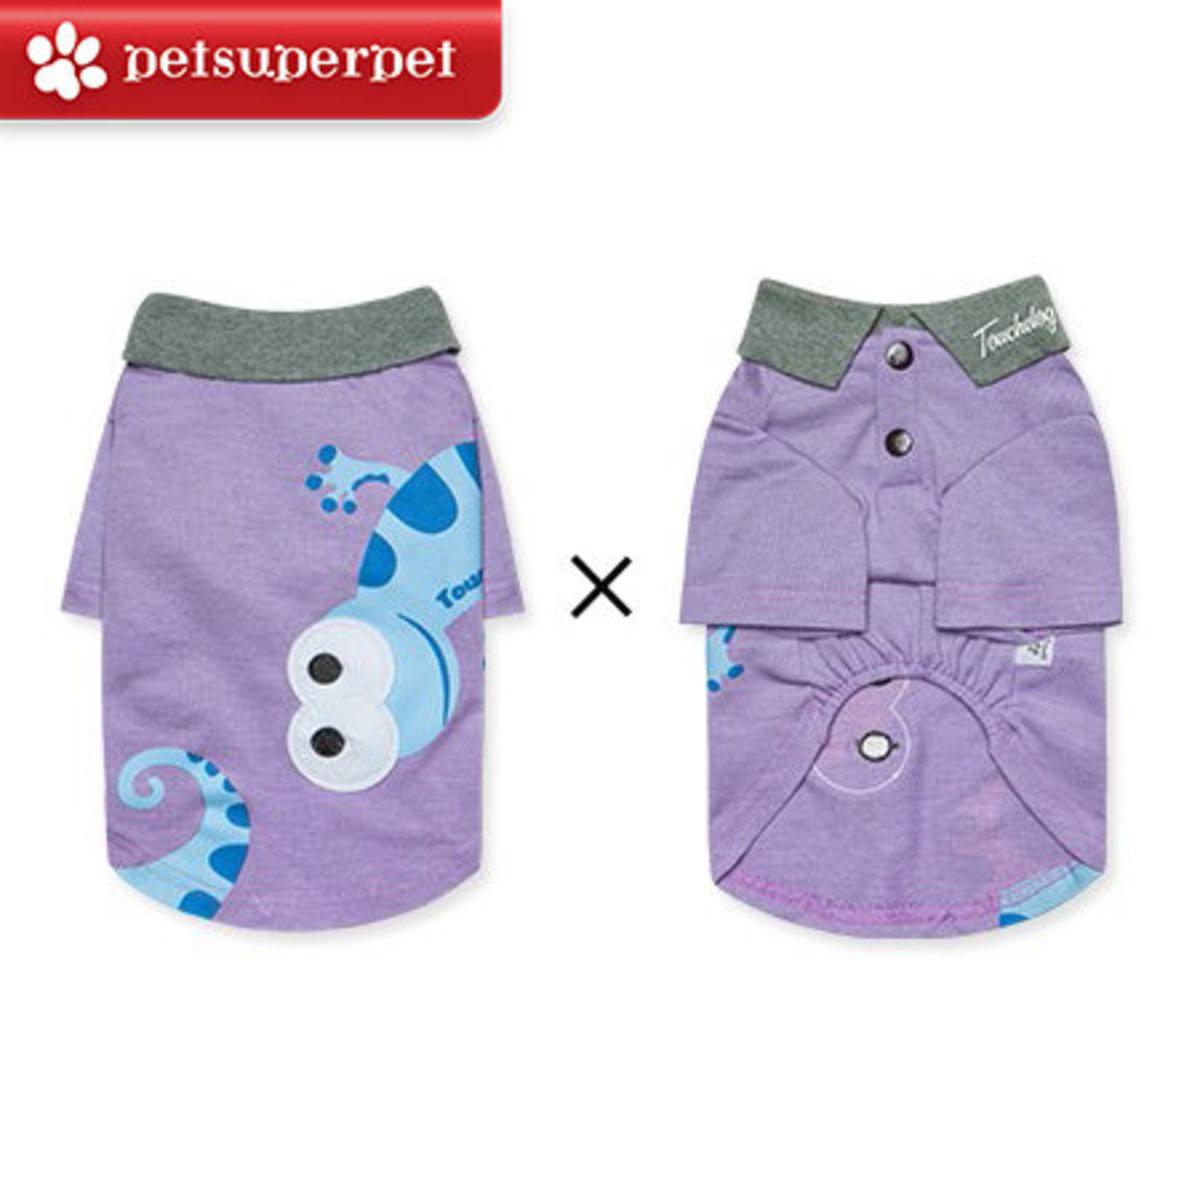 可愛變色龍小型犬Polo恤 (平行進口貨品) - 紫色,大碼